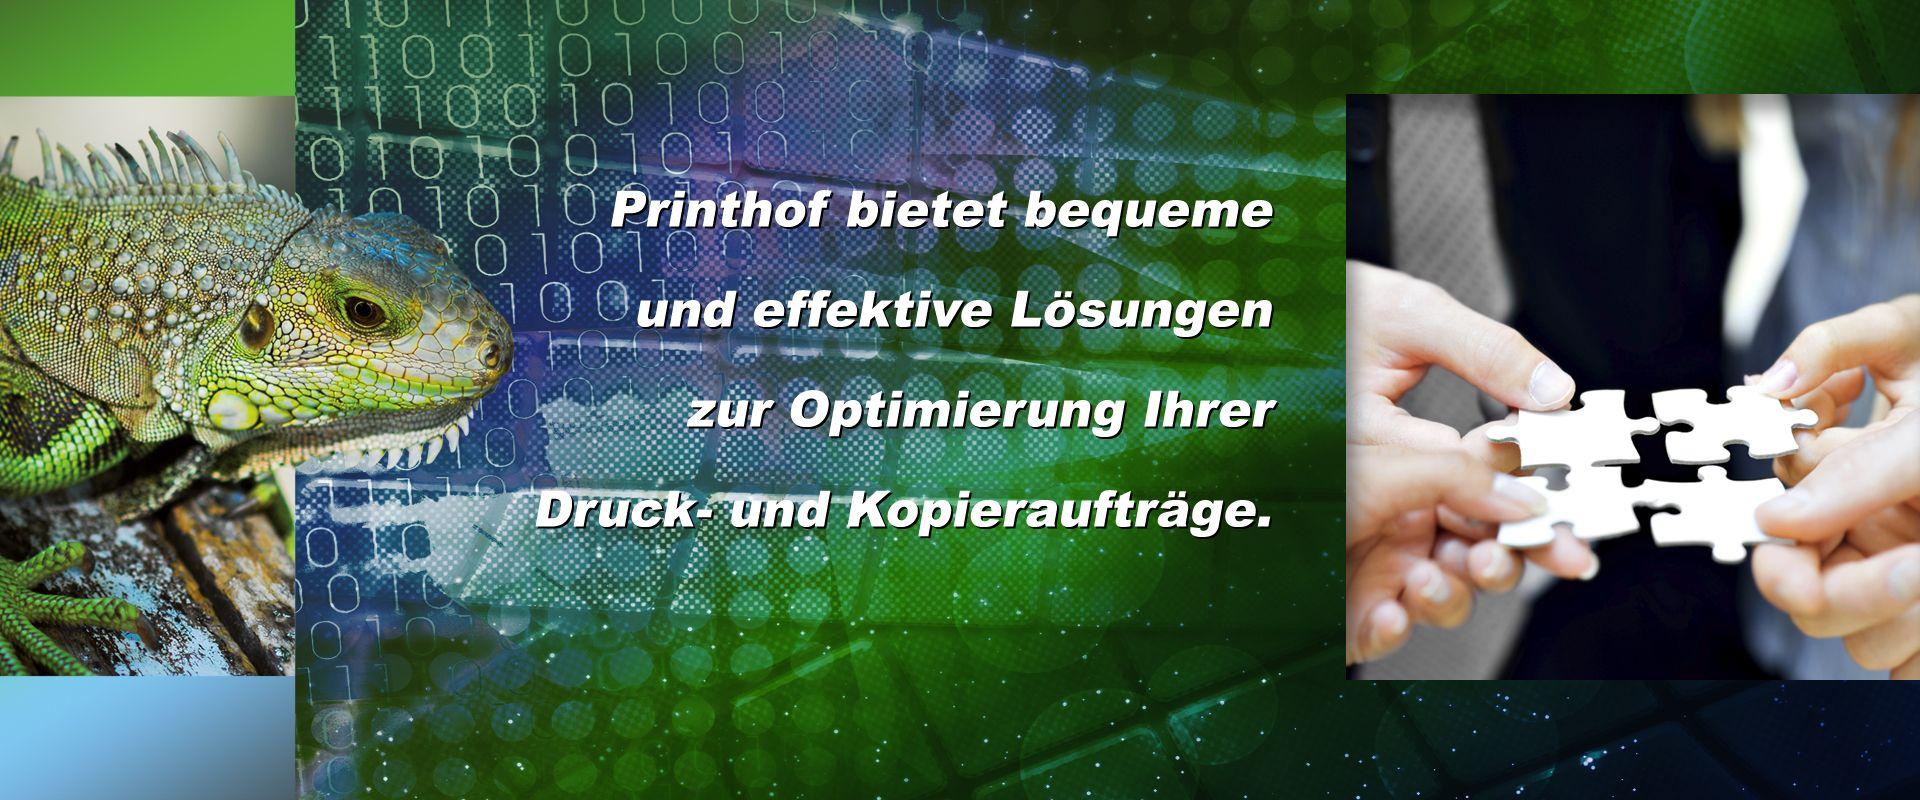 Printhof-Dienstleistungen